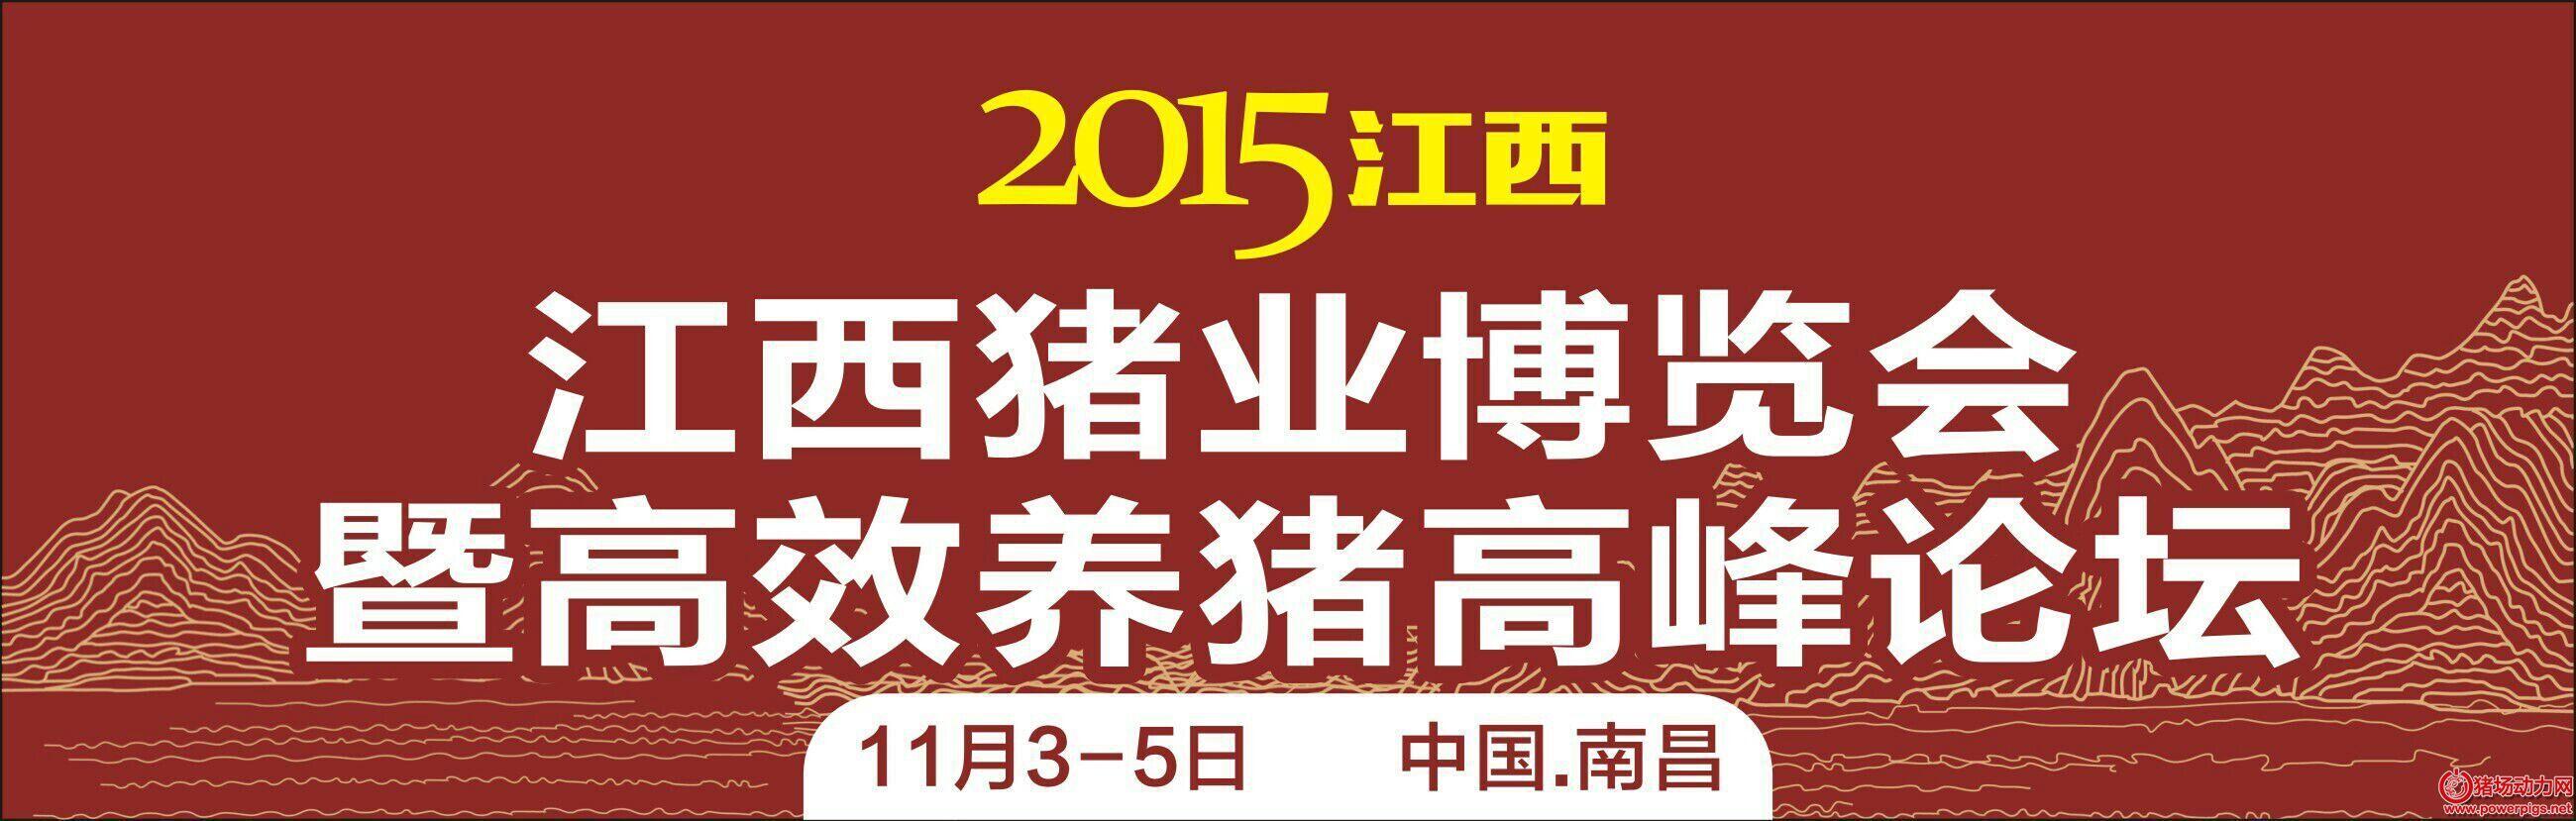 2015江西猪业博览会暨高效养猪高峰论坛